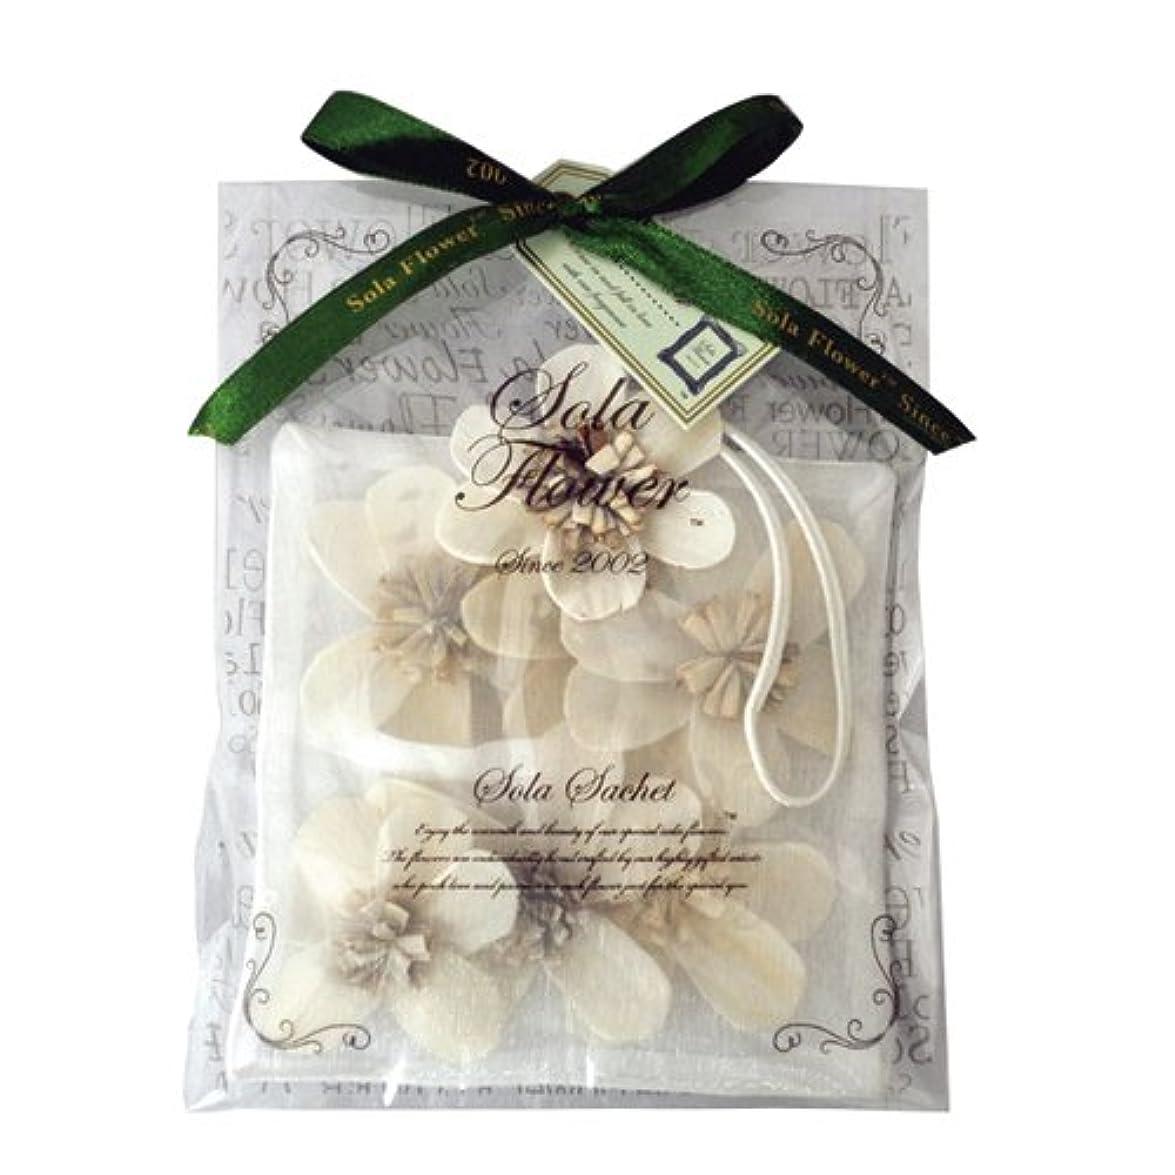 顧問配送署名new Sola Flower ソラフラワー サシェ Gentle Rose ジェントルローズ オーガンジーパッケージ Sachet